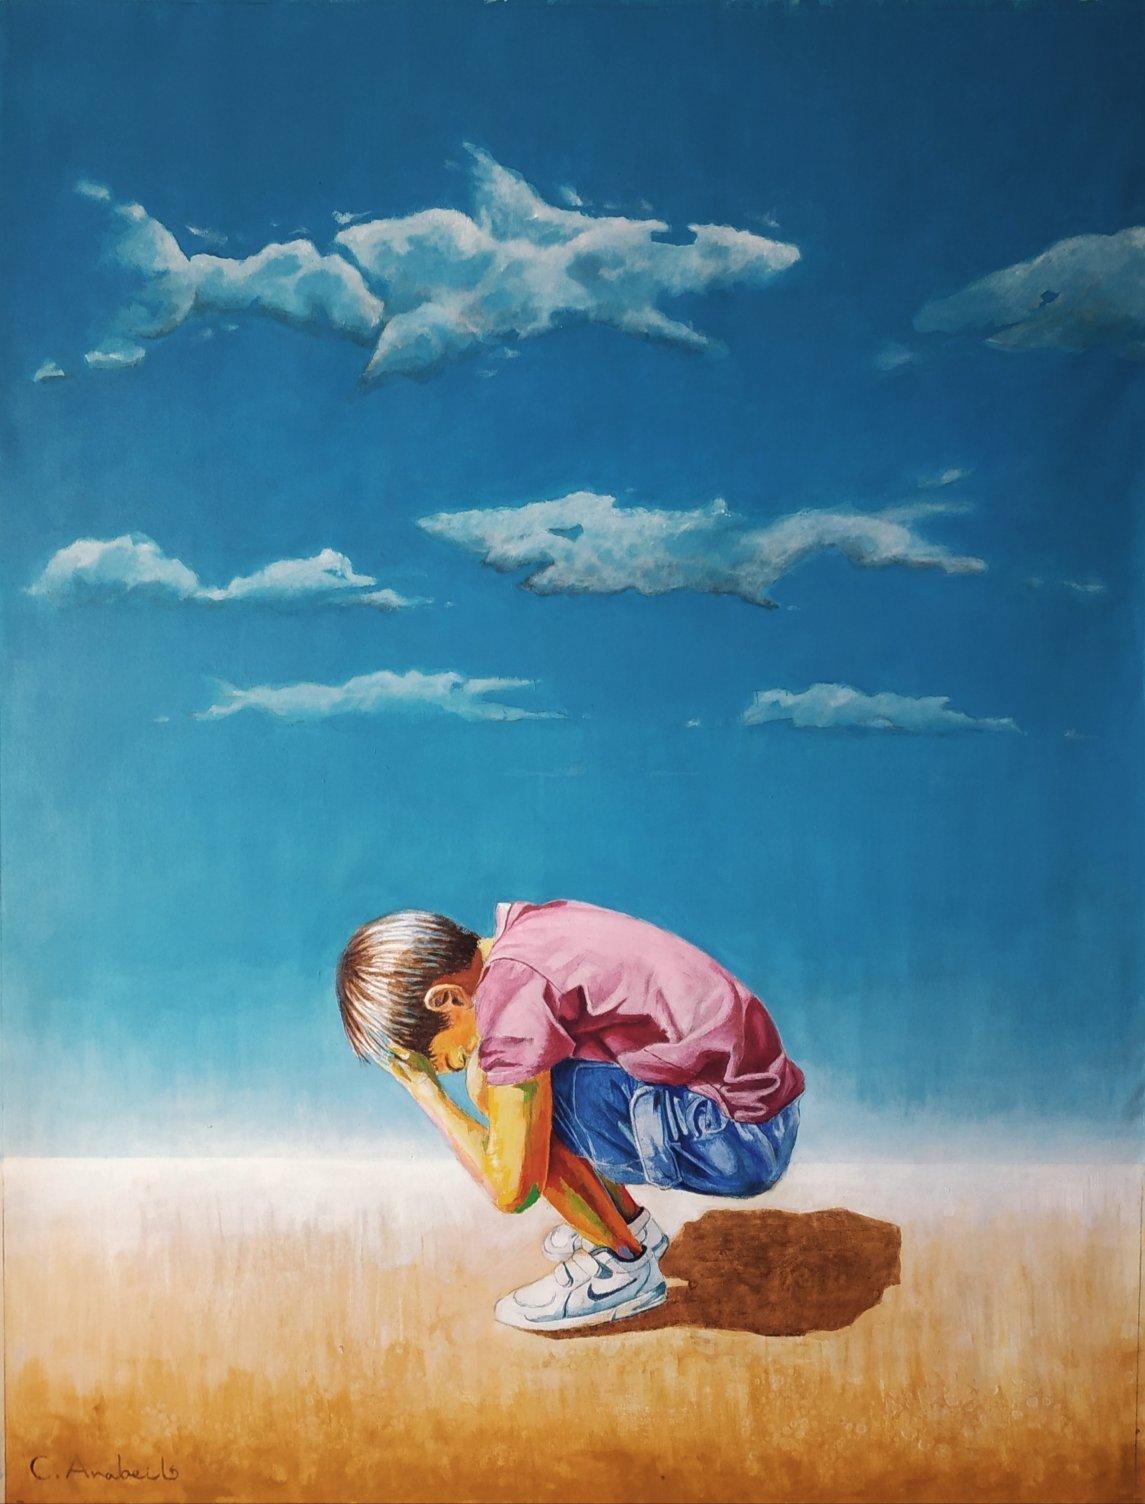 Lucas y la venganza de las nubes (2019) - Carlos Anabeil